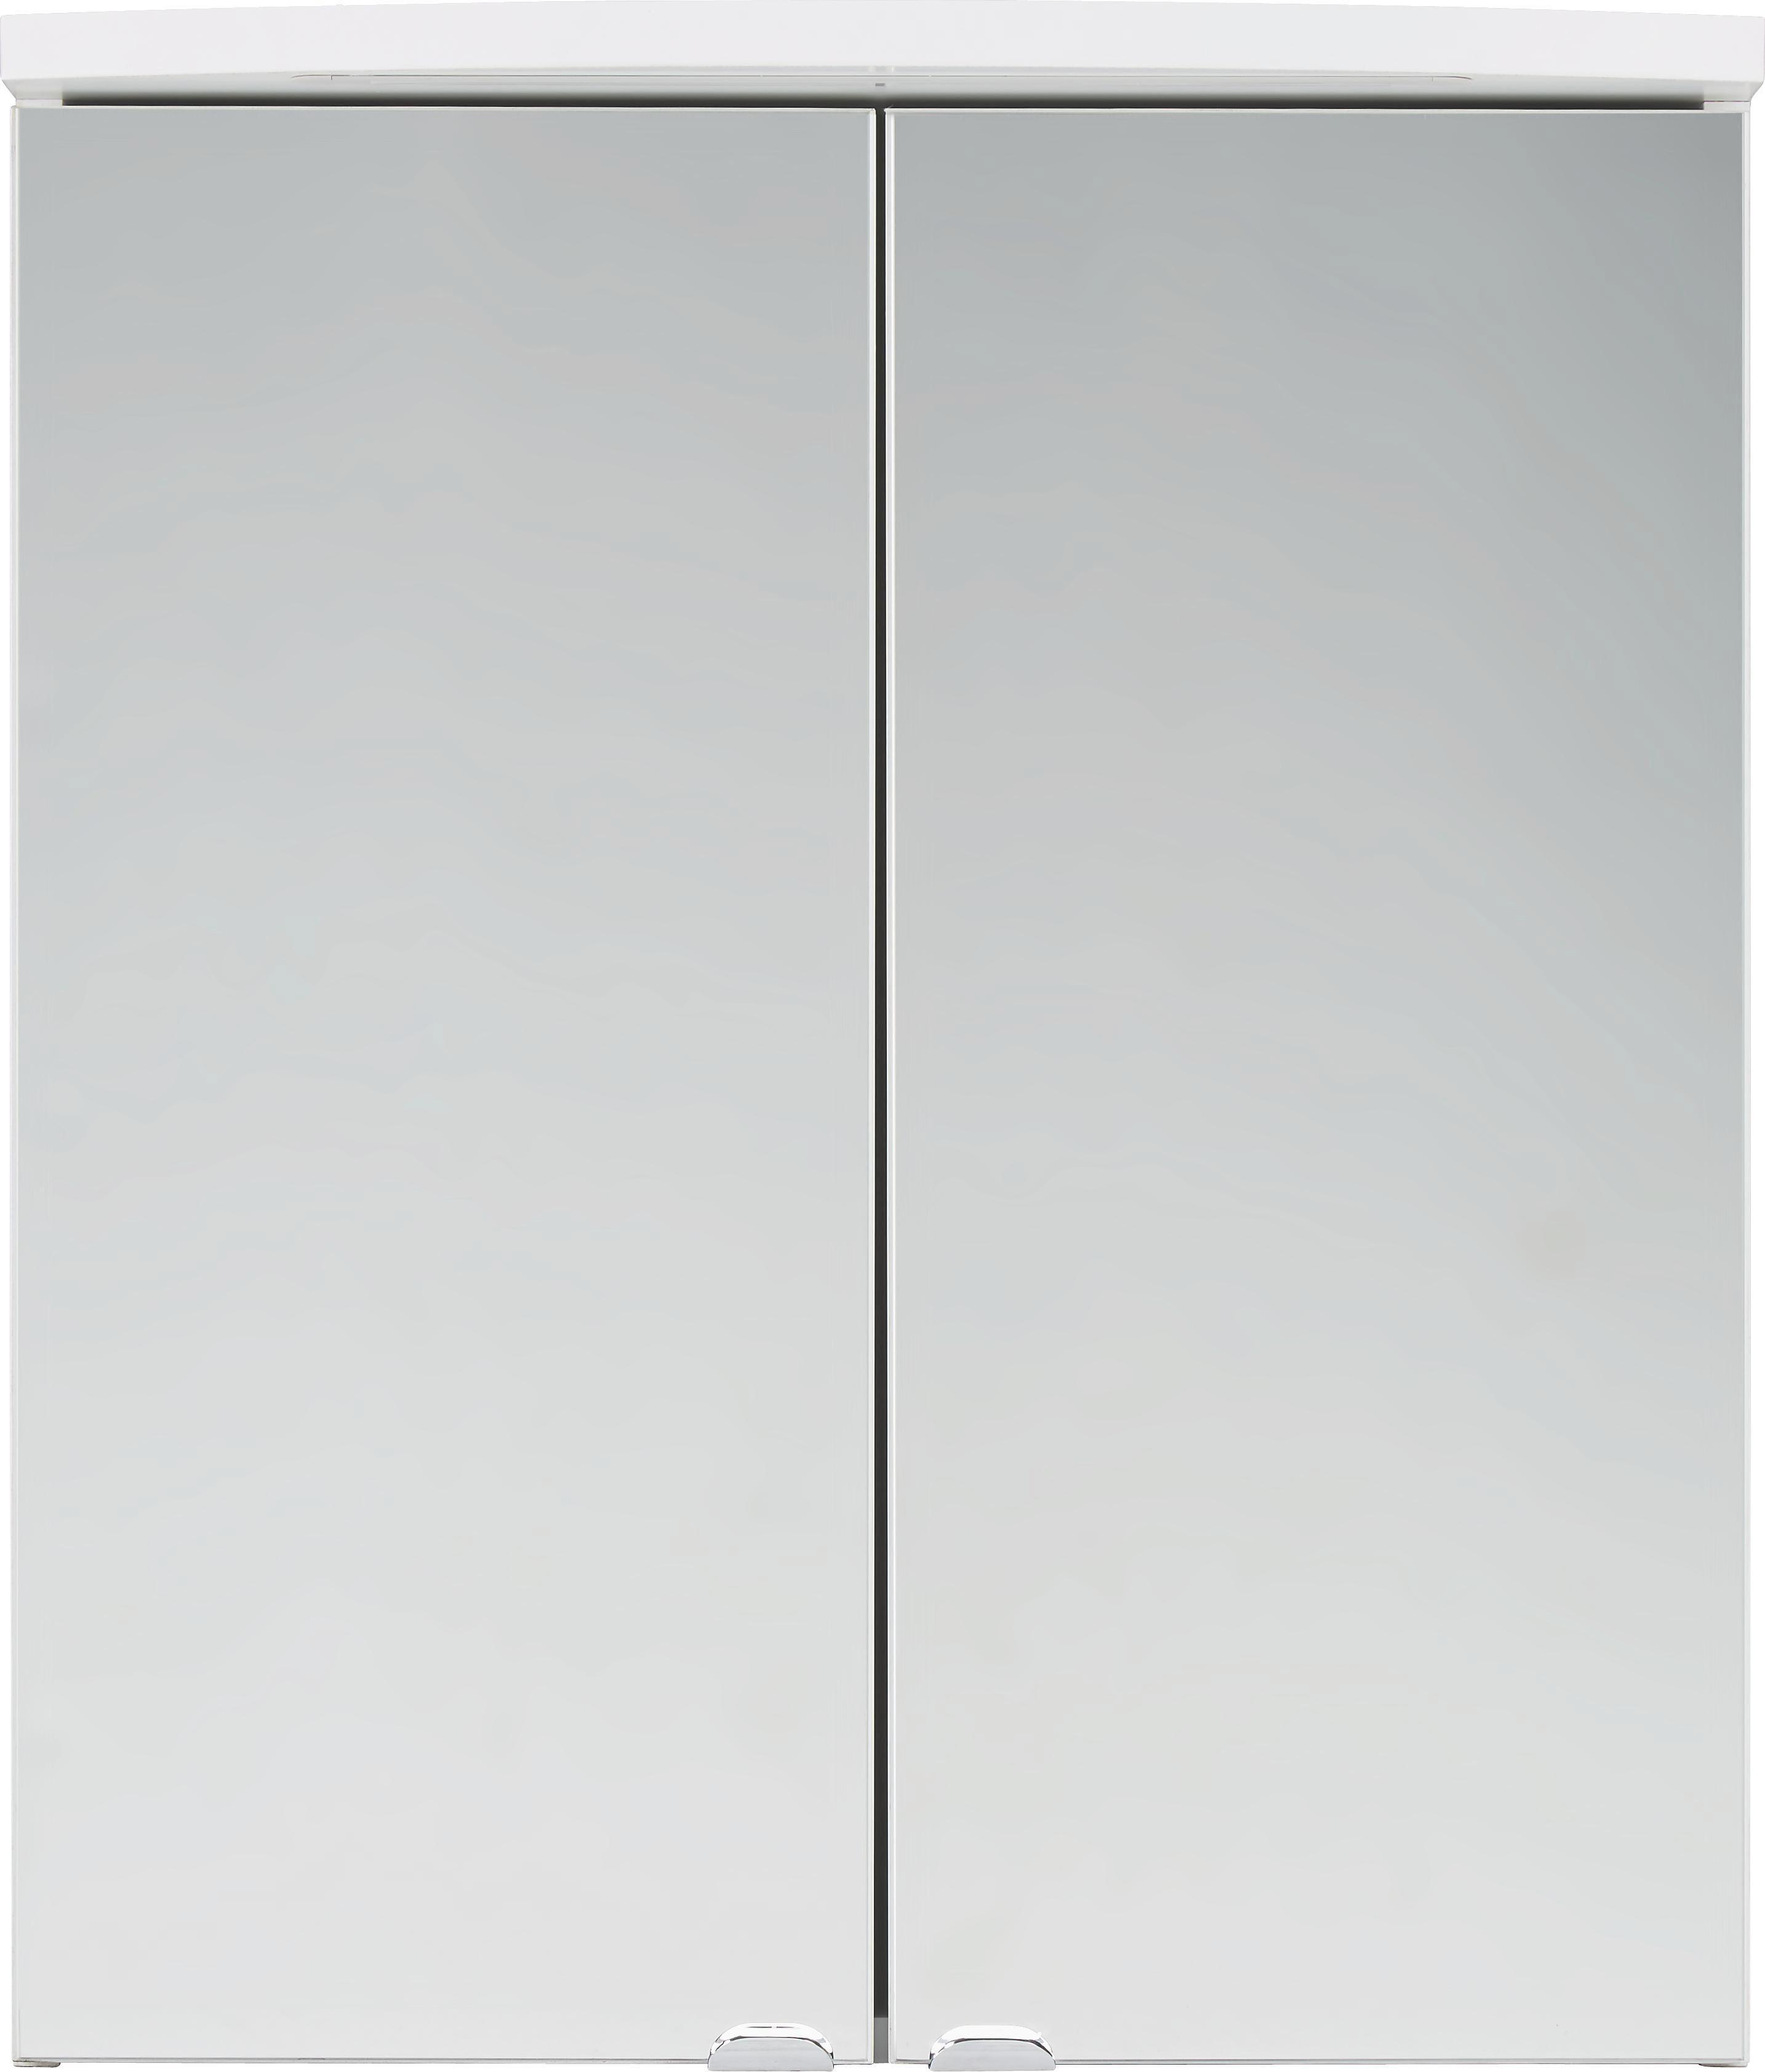 Mömax Badezimmer Schrank: Spiegelschrank Weiß Online Kaufen Mömax